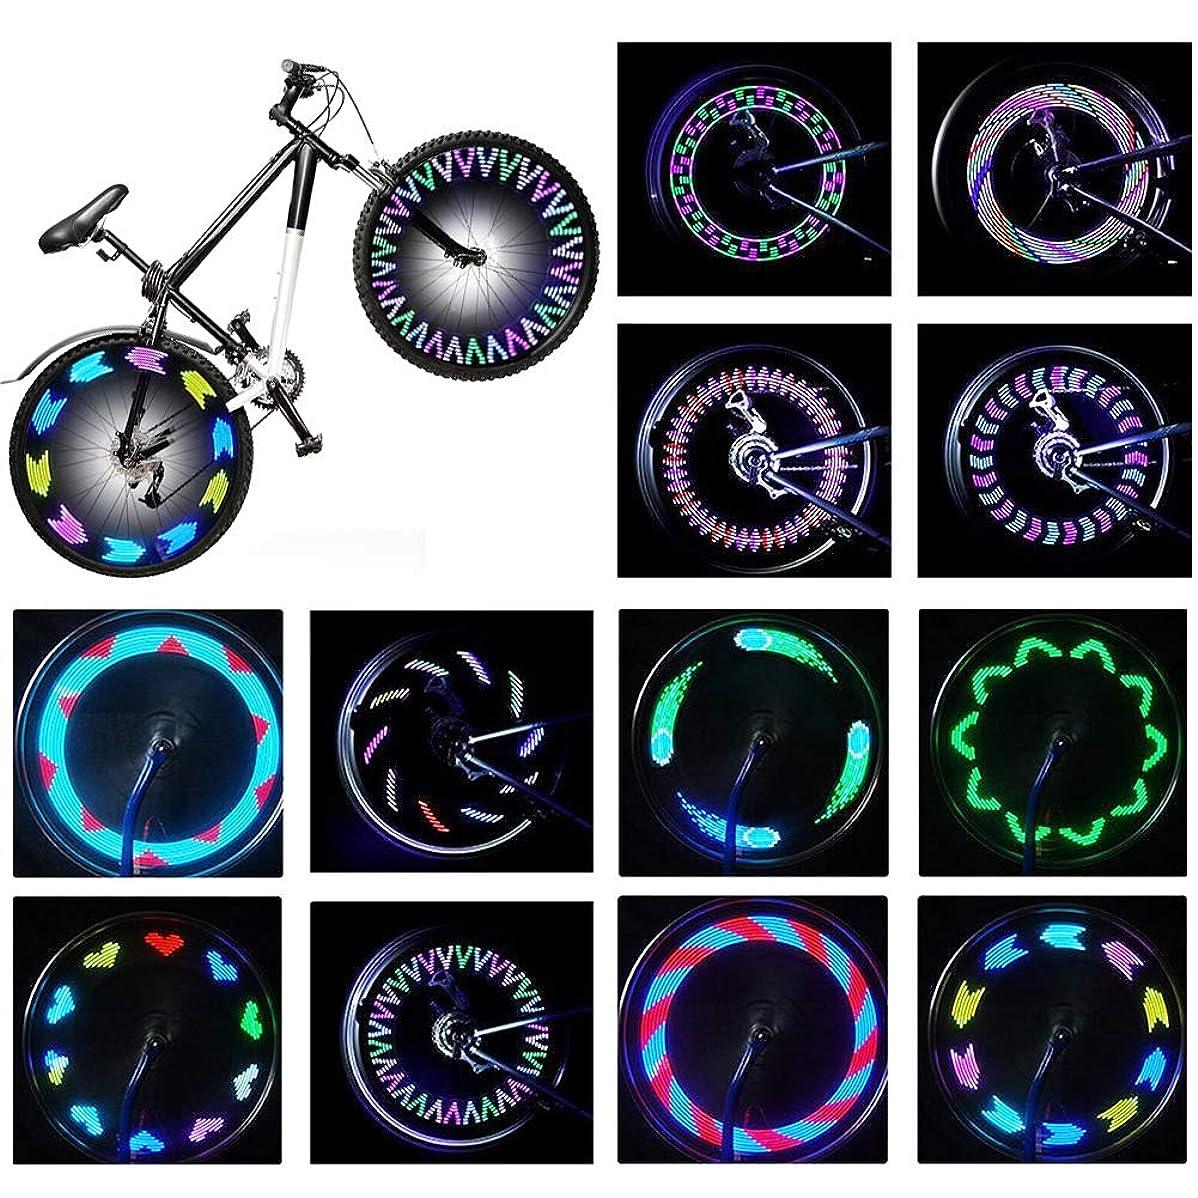 枢機卿取り出す材料Rottayバイクホイールライト、自転車ホイールライト防水RGB超明るいスポークライト14-LED 30pcs変更パターン-Safetyクールバイクタイヤアクセサリーキッズ大人から見える - あらゆる角度から(2パック)